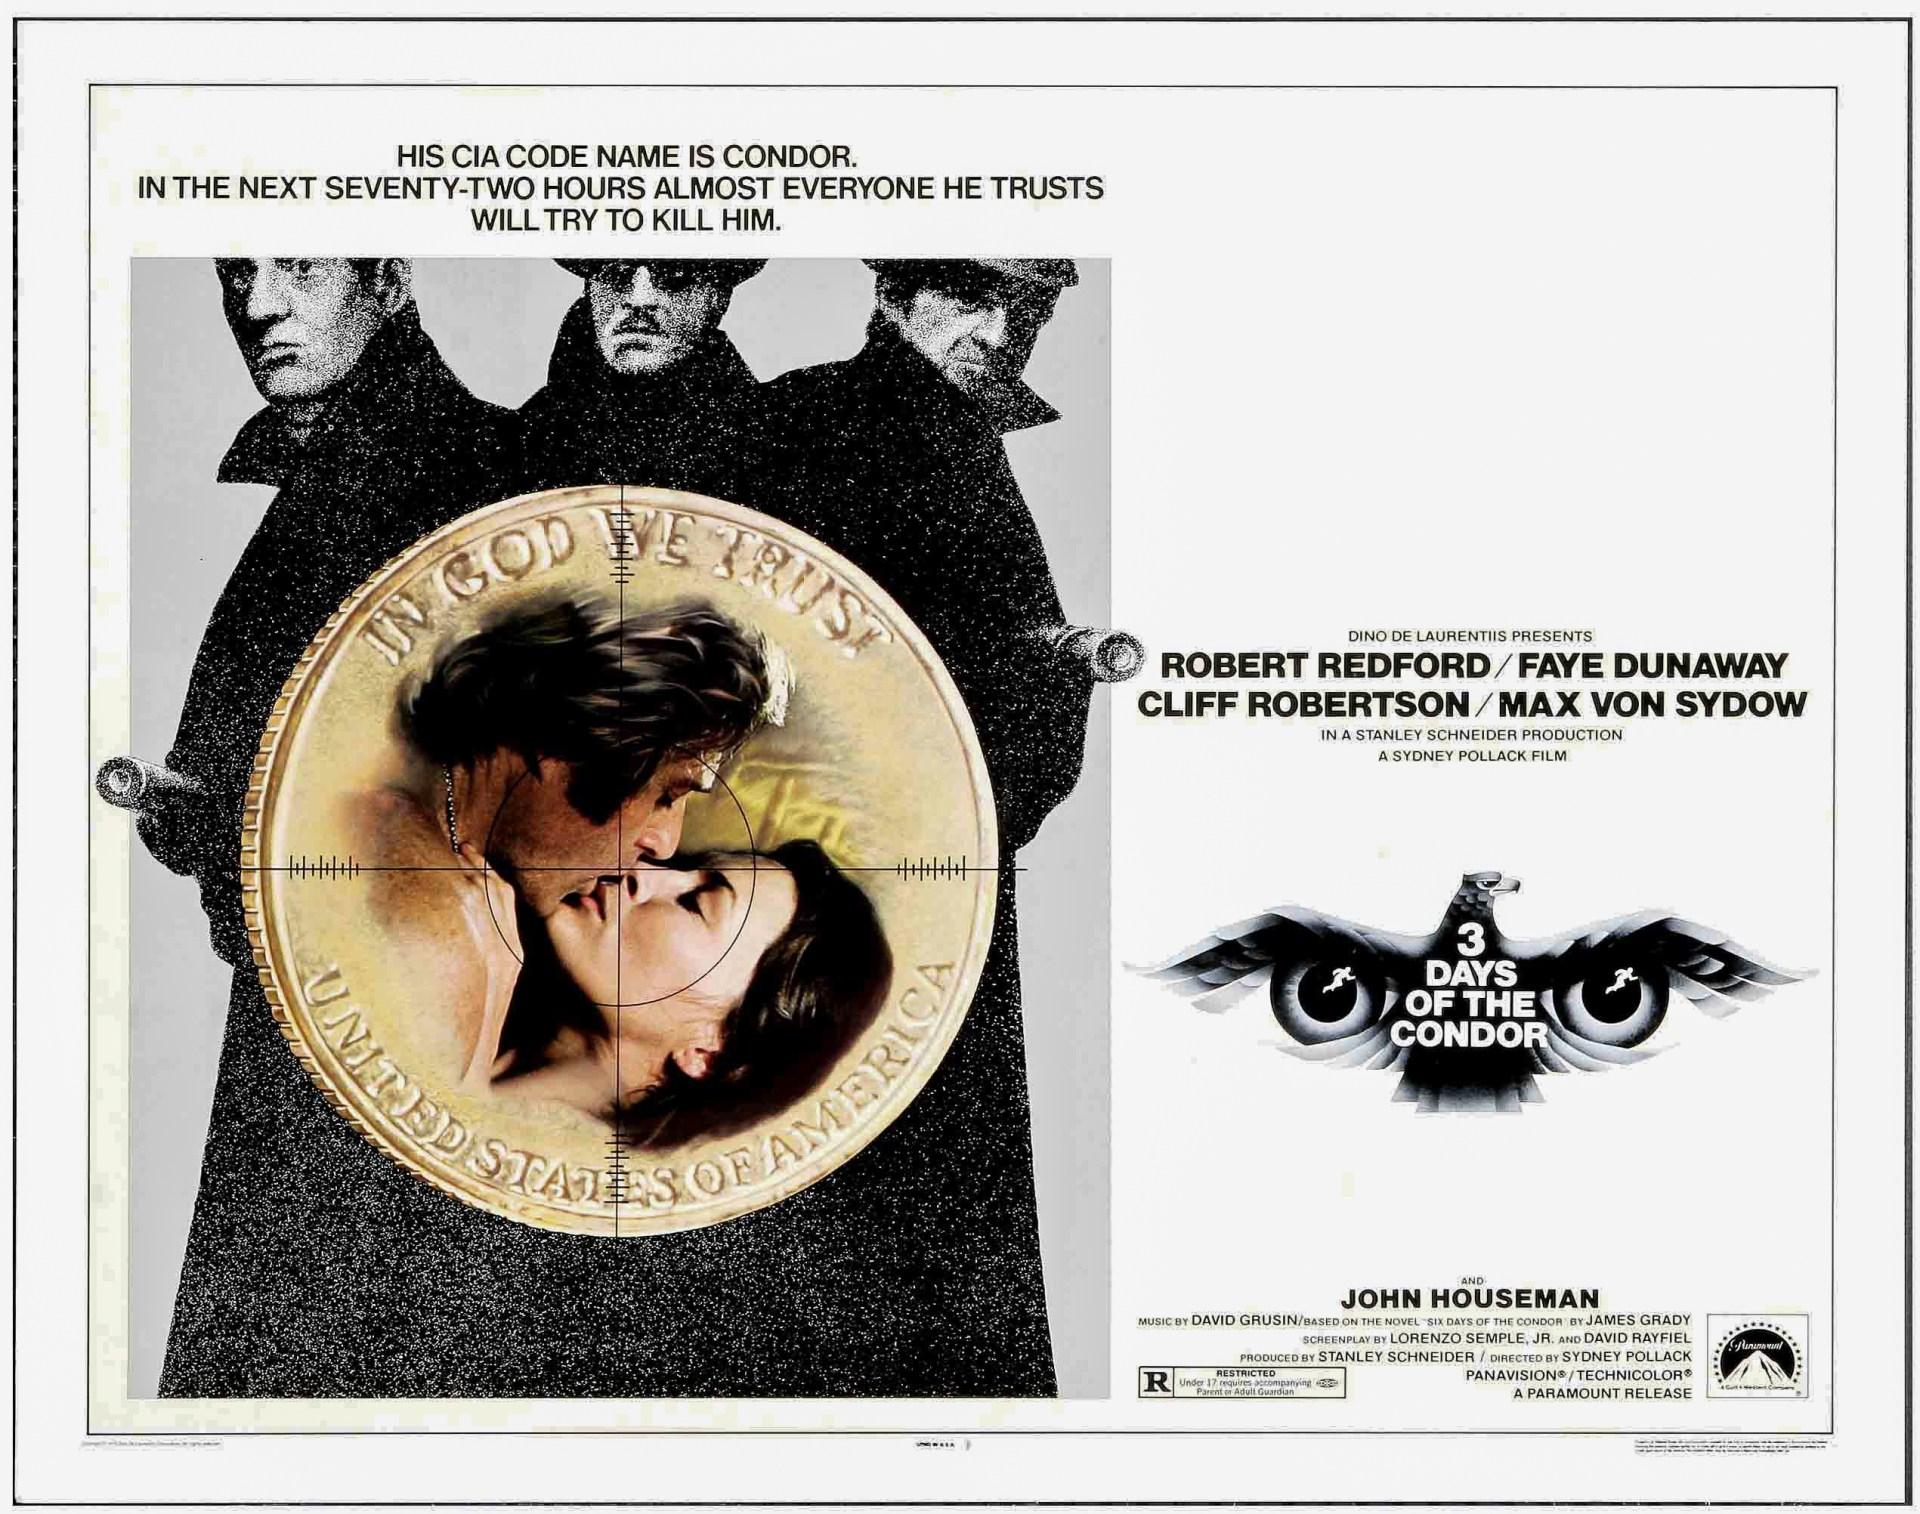 3 Days Of The Condor [VoicesFILM.com] [2542 x 2004] (1)